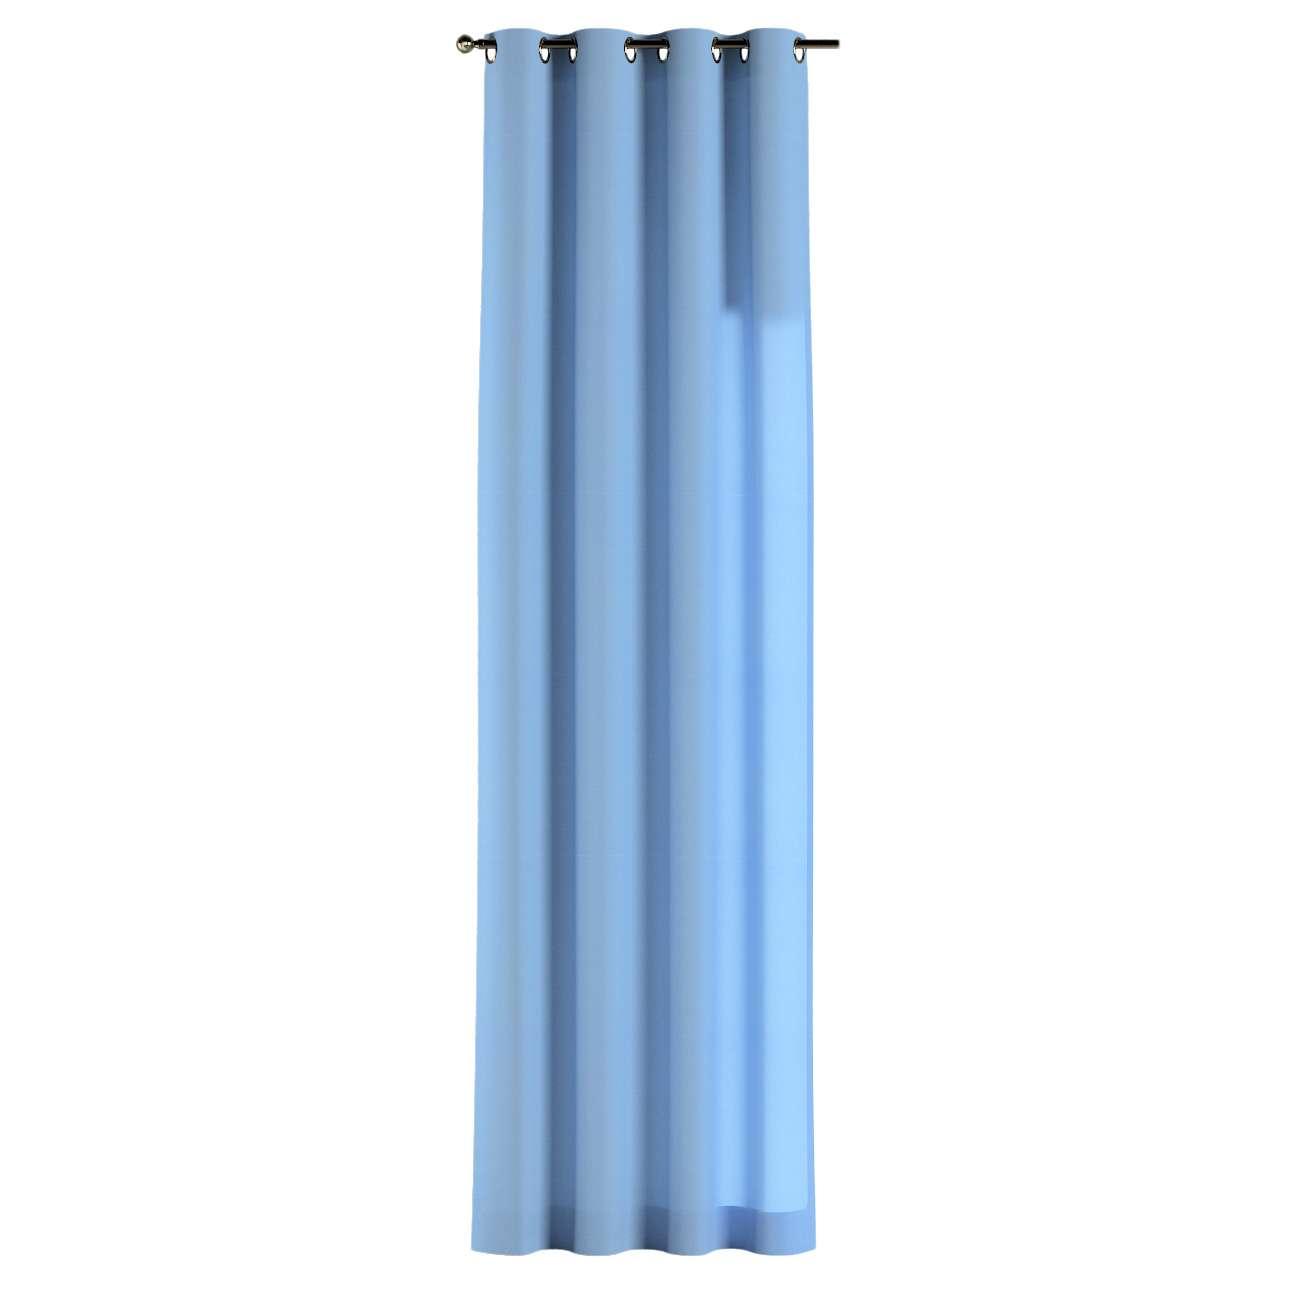 Zasłona na kółkach 1 szt. 1szt 130x260 cm w kolekcji Loneta, tkanina: 133-21